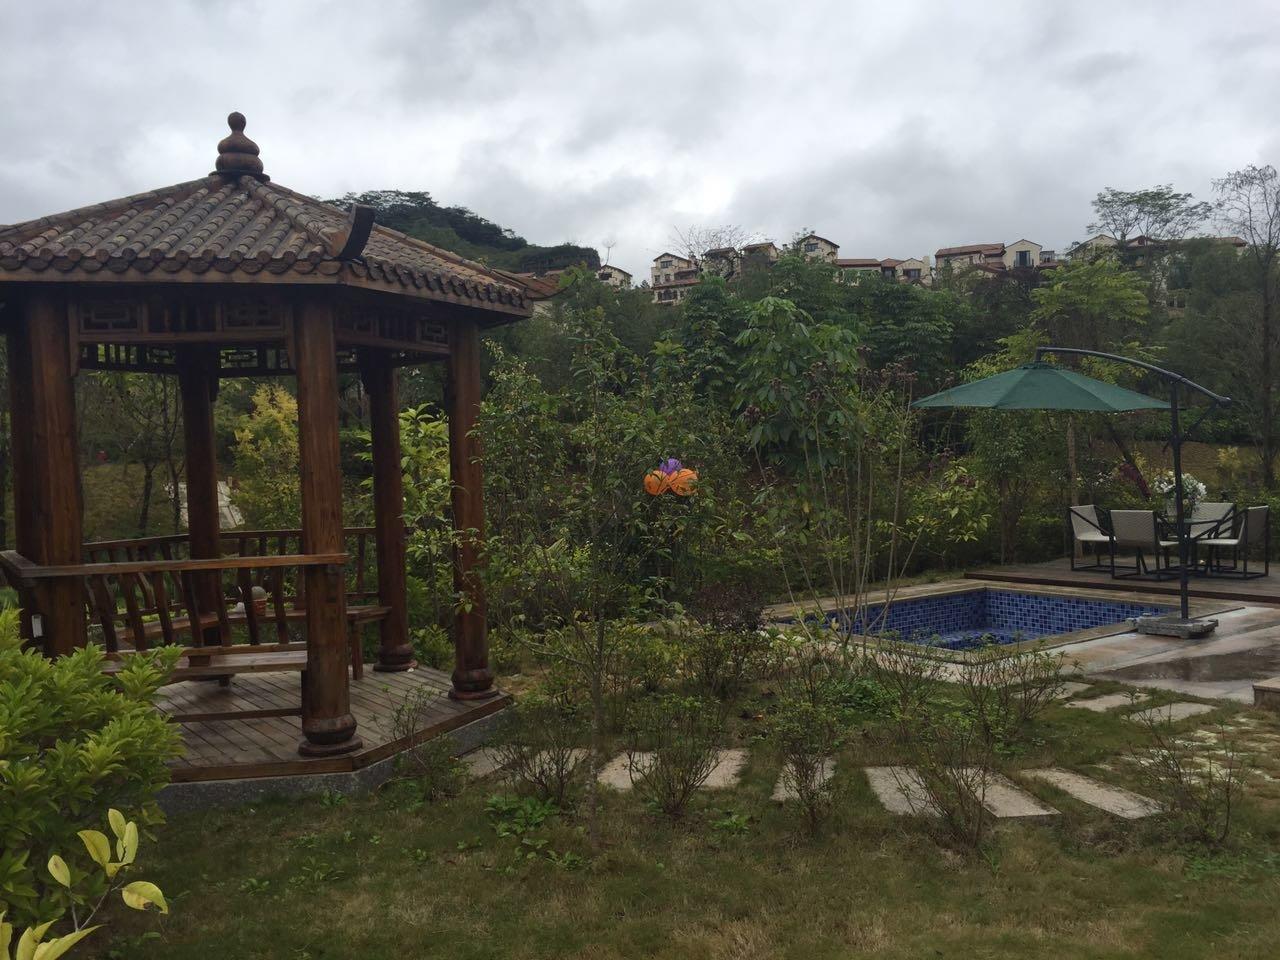 龍門富力南昆山溫泉養生谷優質別墅